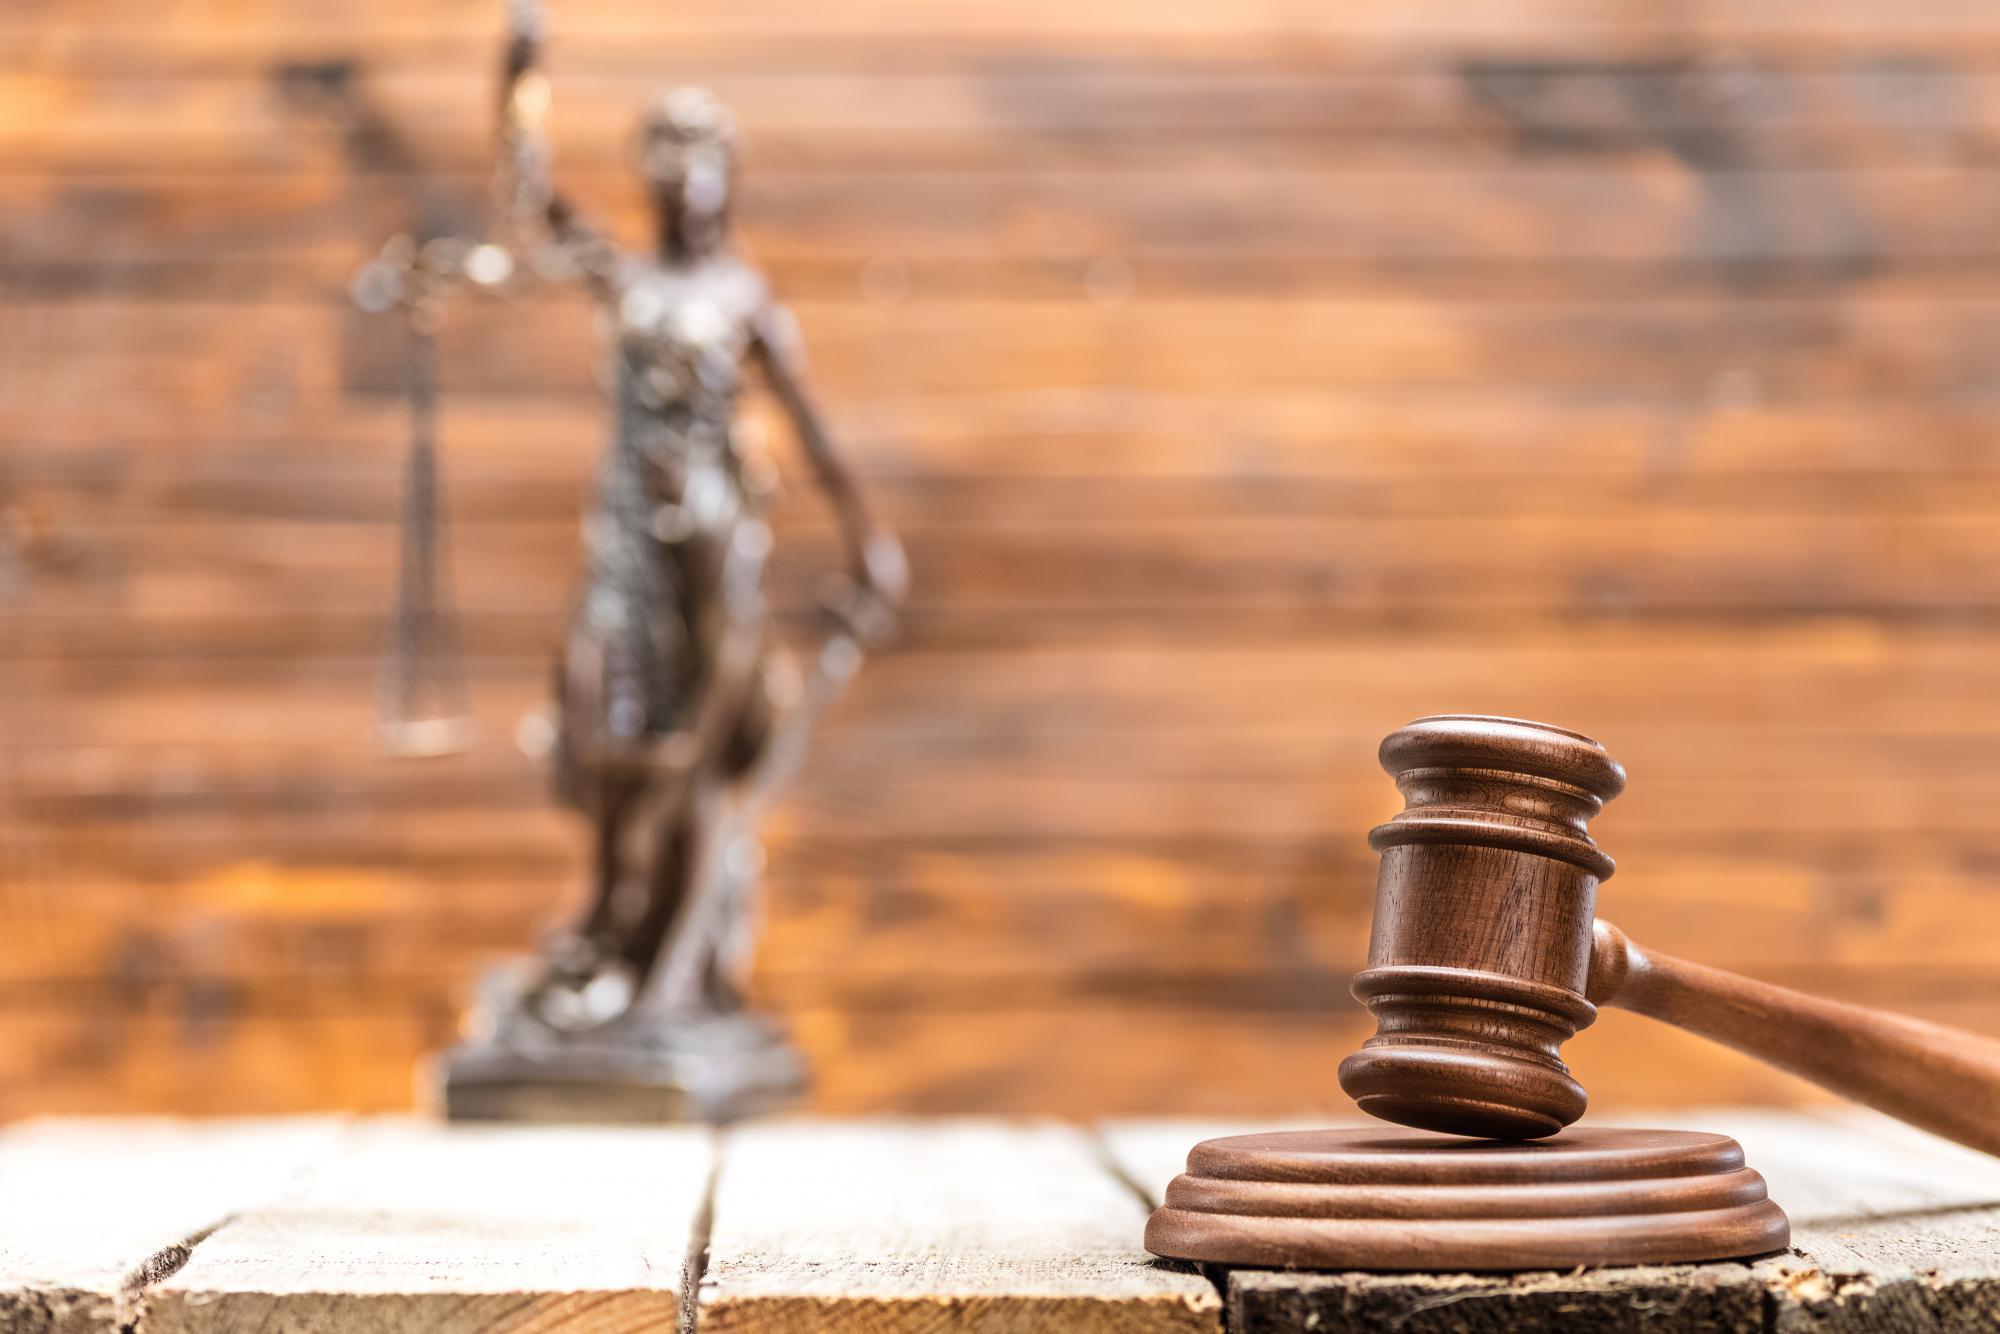 Исправление декларантом допущенной ошибки исключает возможность привлечения его к ответственности